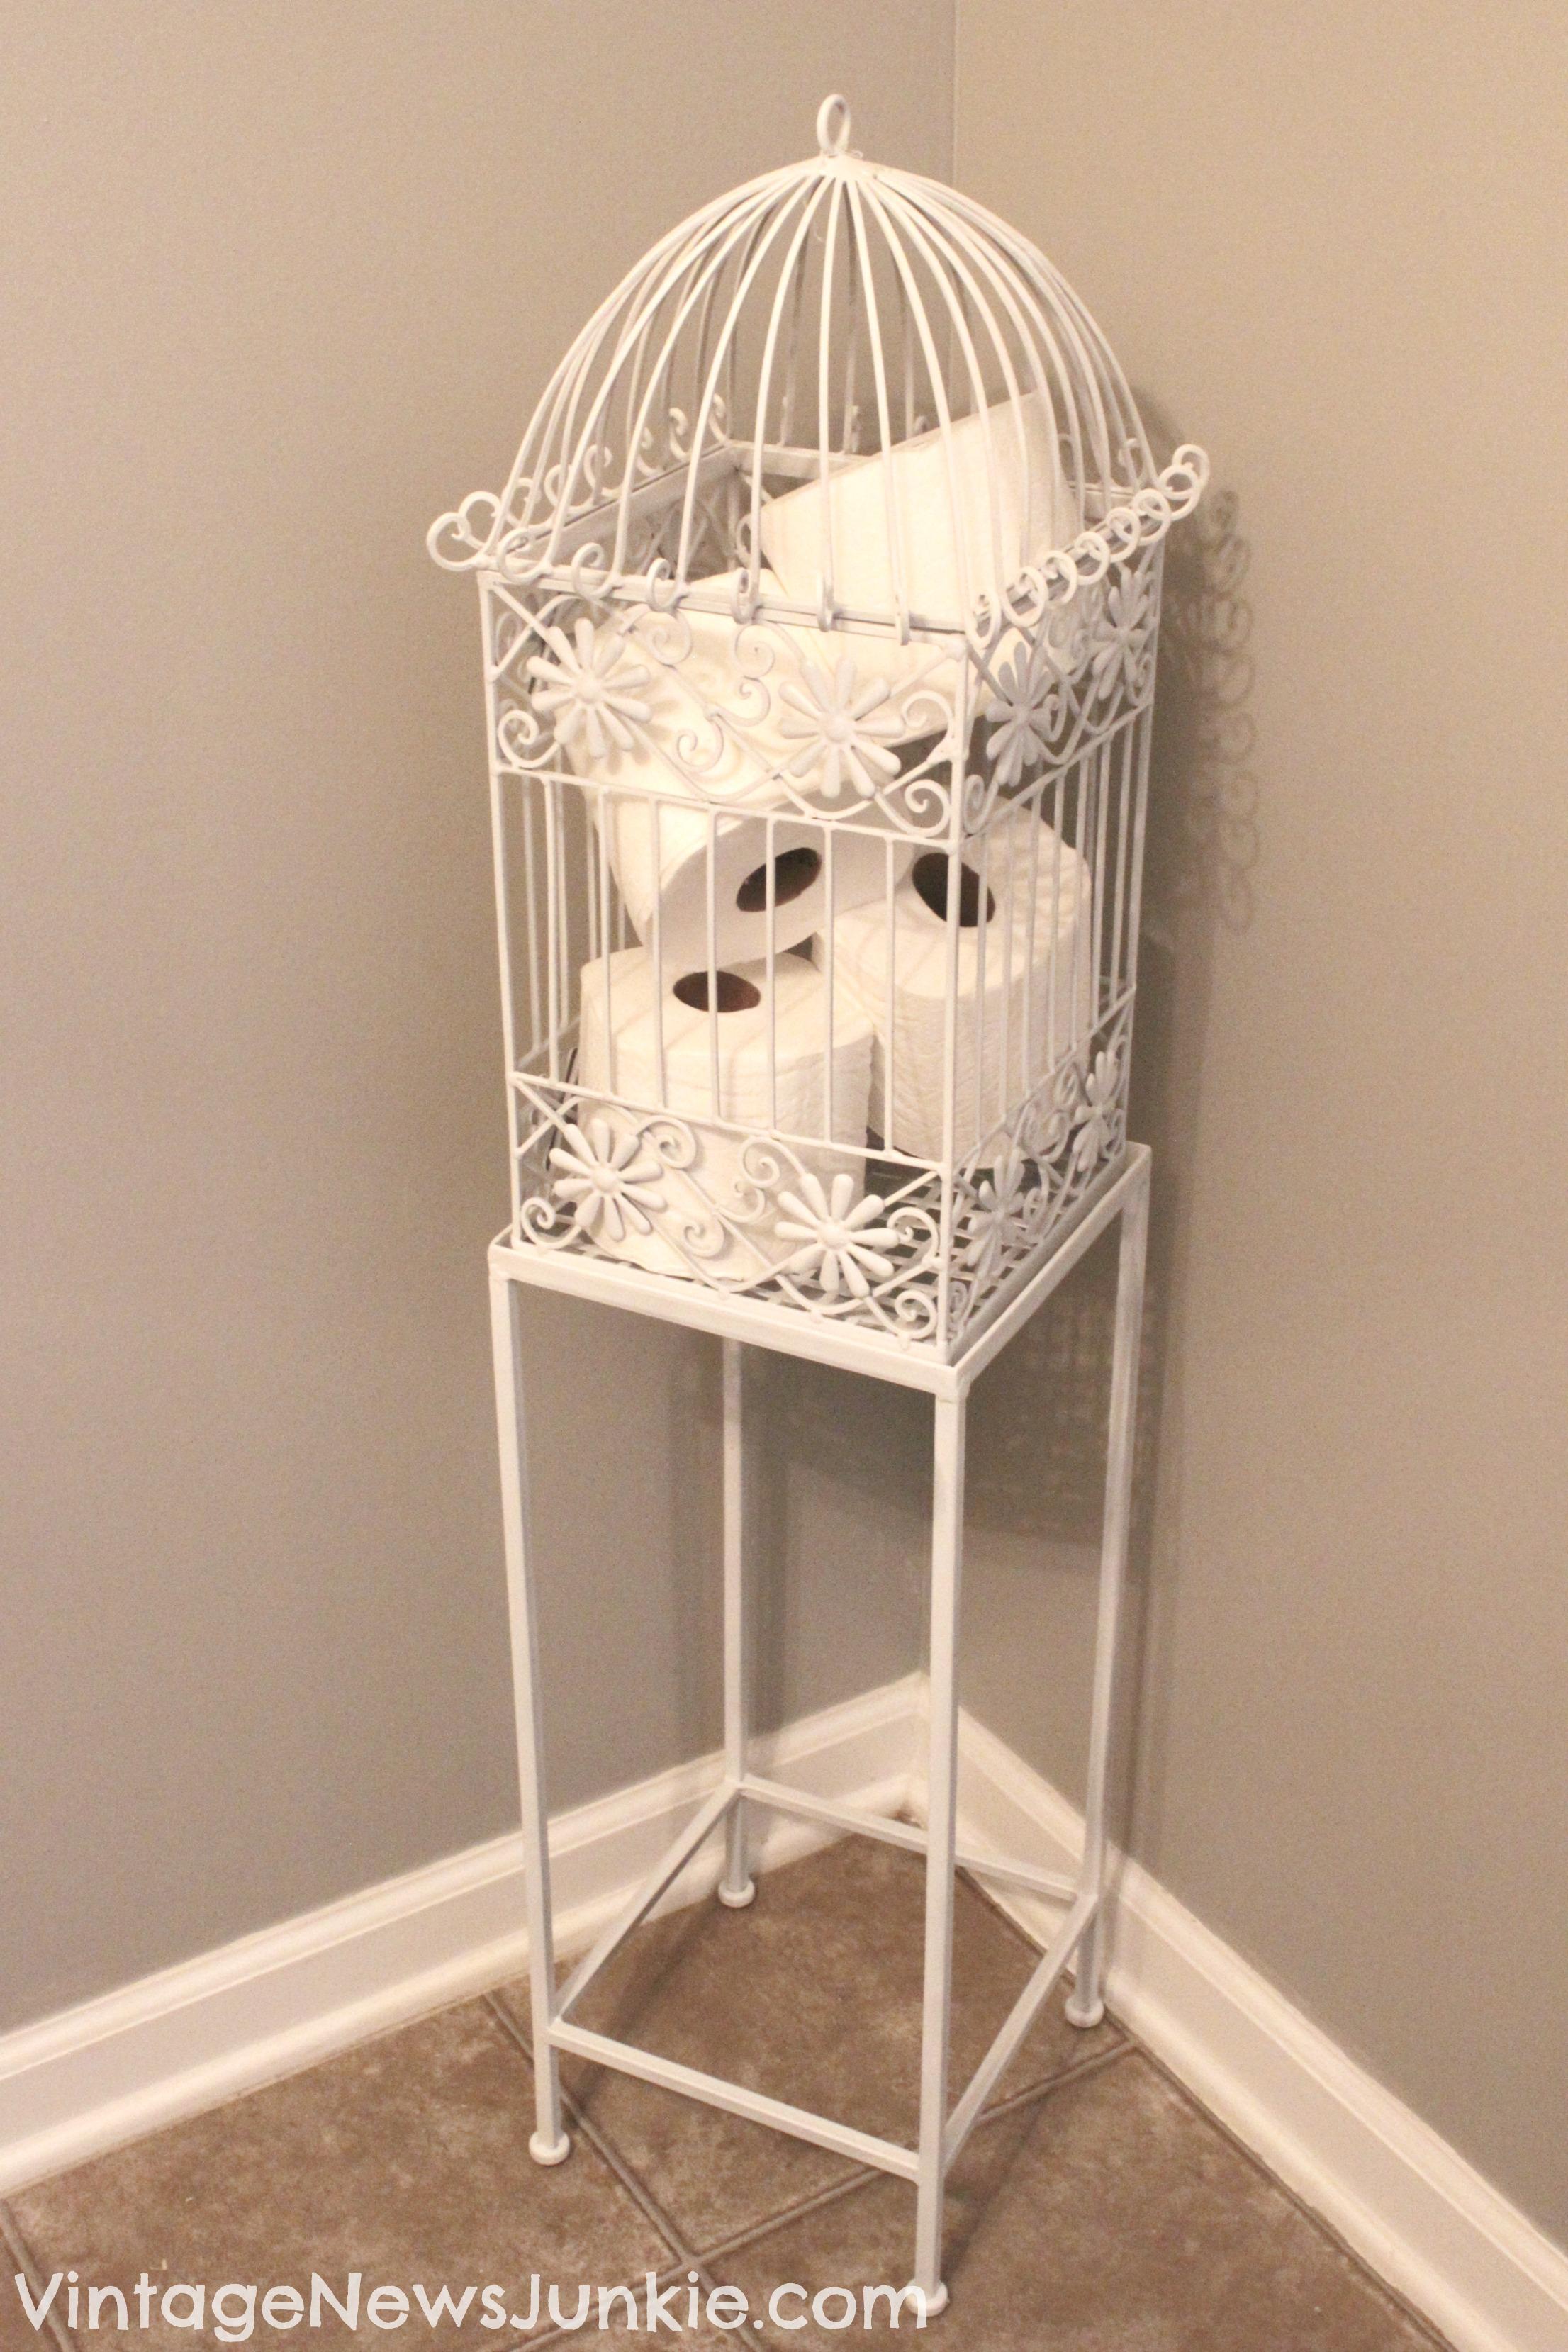 Vintage Birdcage Storage Basket